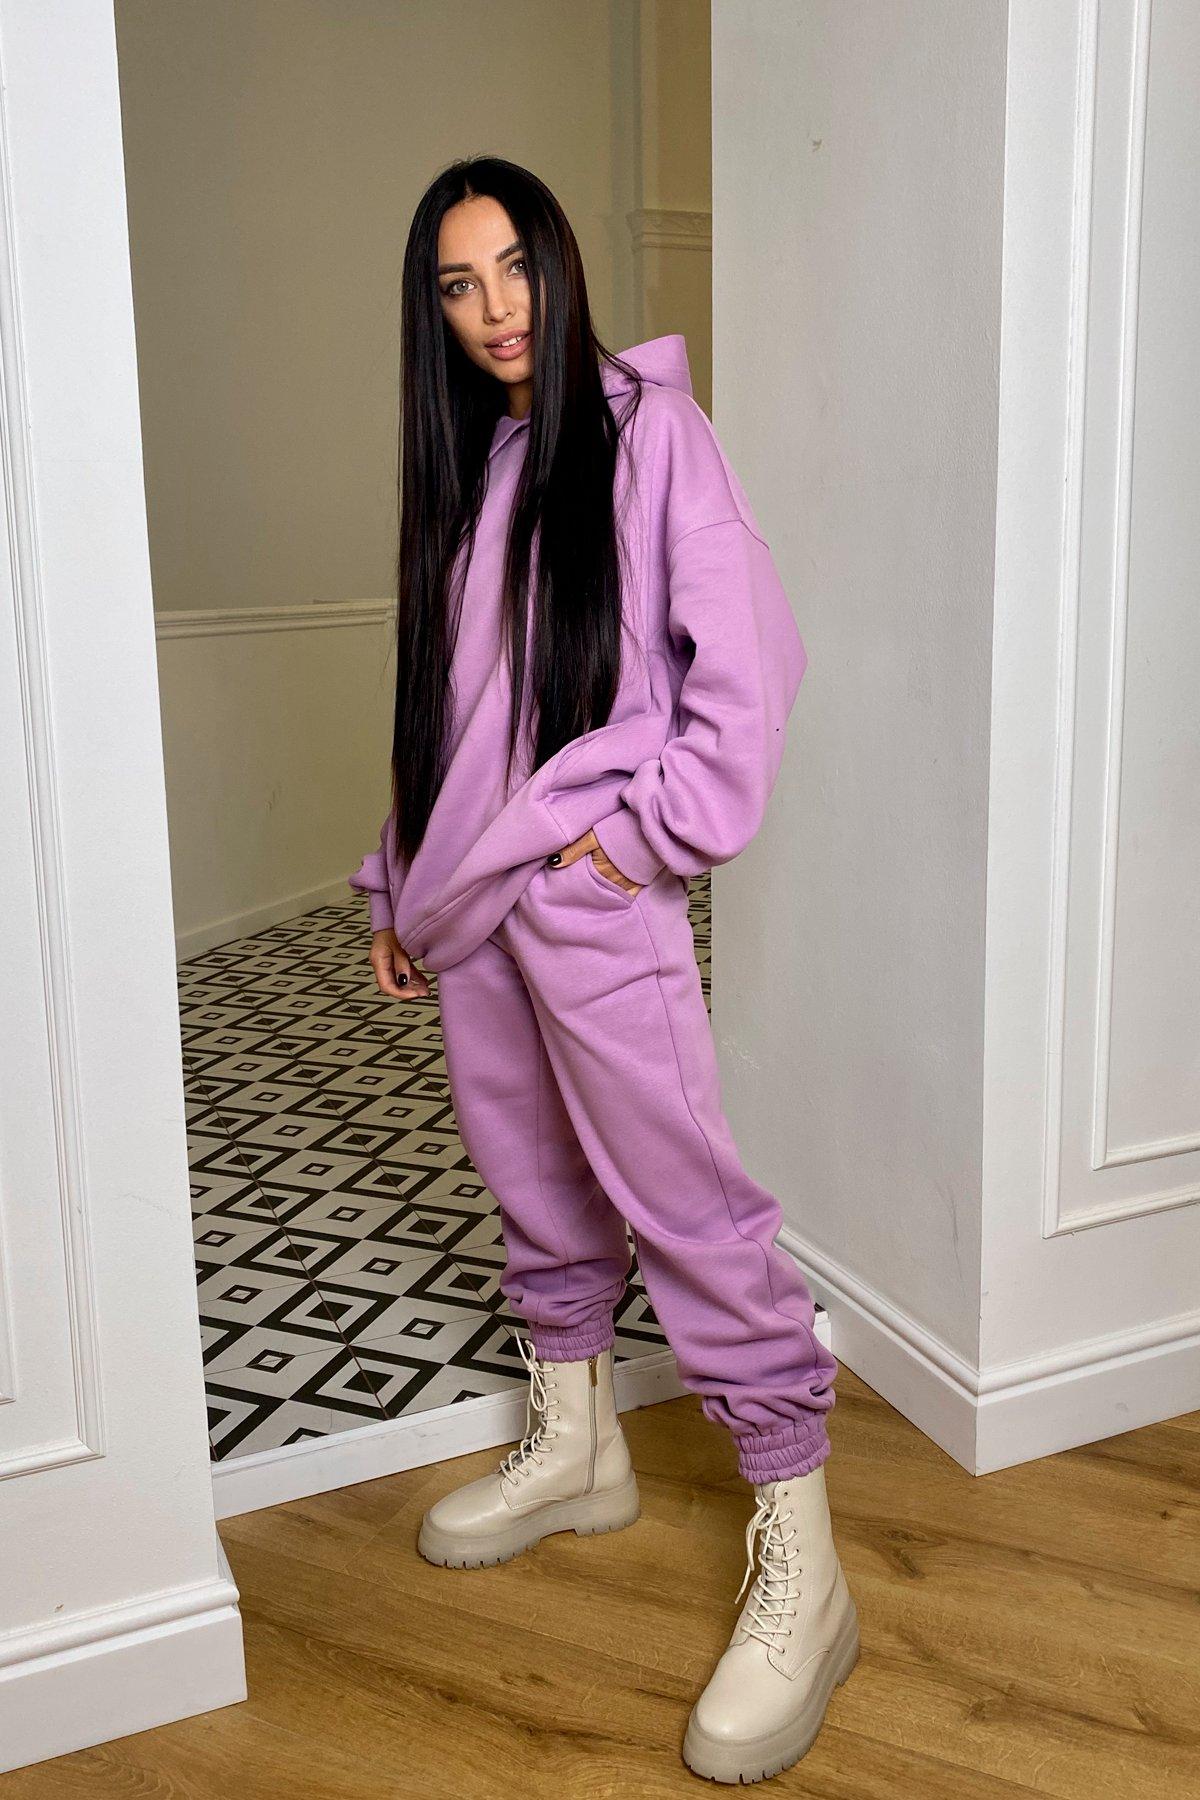 Марион костюм в  стиле Oversize  3х нитка 9651 АРТ. 46356 Цвет: Лаванда/1 - фото 2, интернет магазин tm-modus.ru